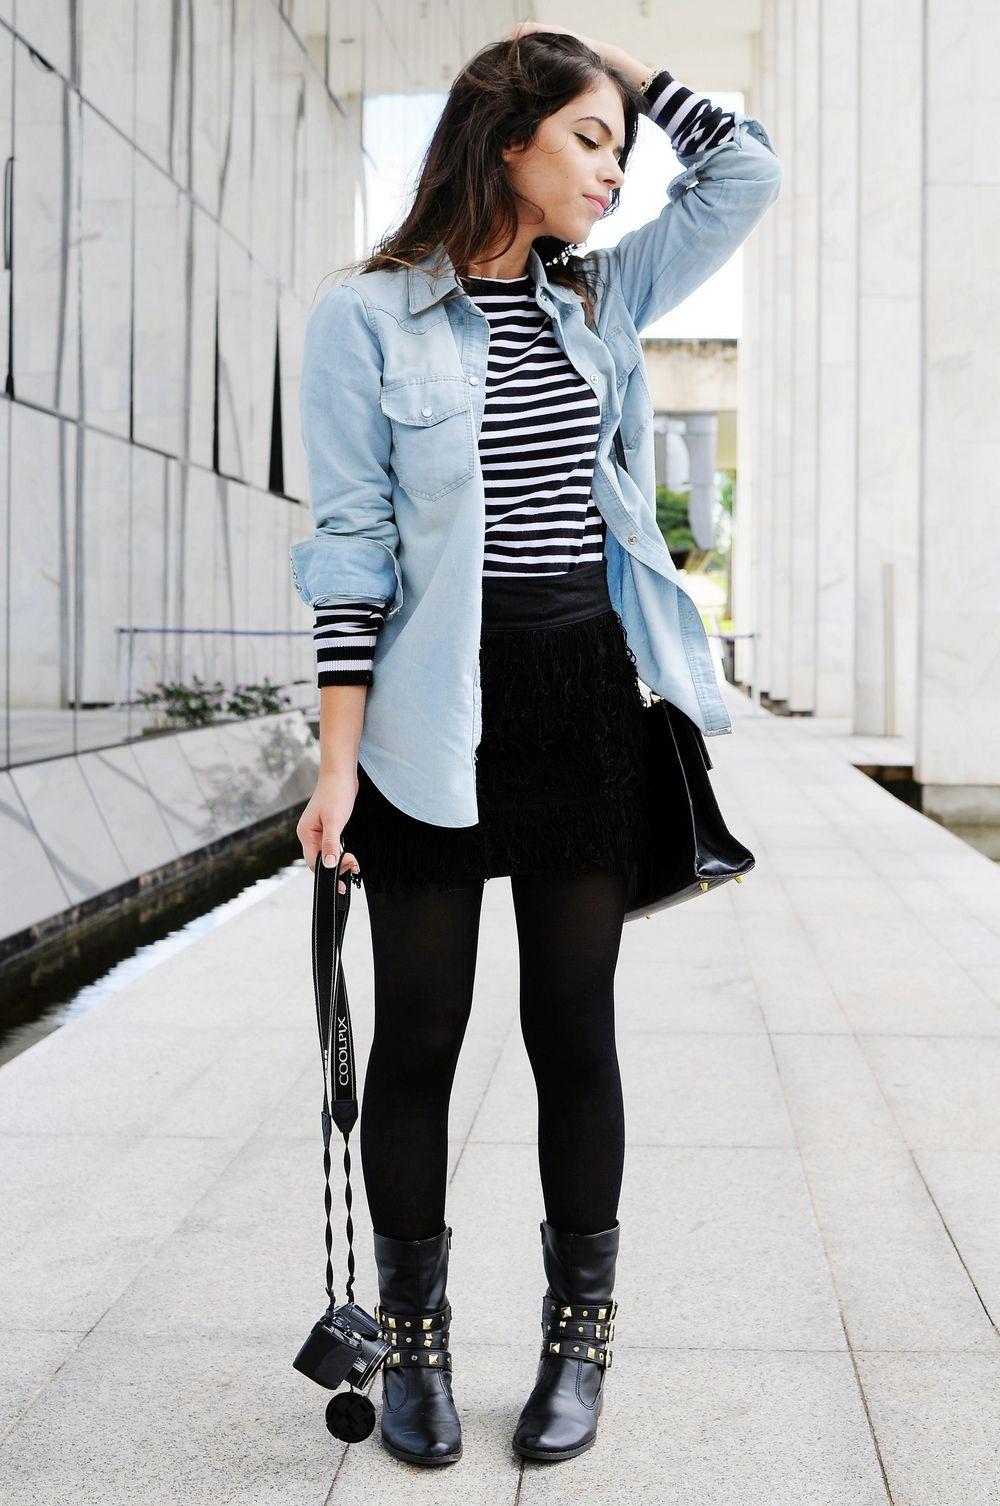 cbeee35d5d Saia Preta + T-shirt listrada + Camisa Jeans + meia calça preta + botas